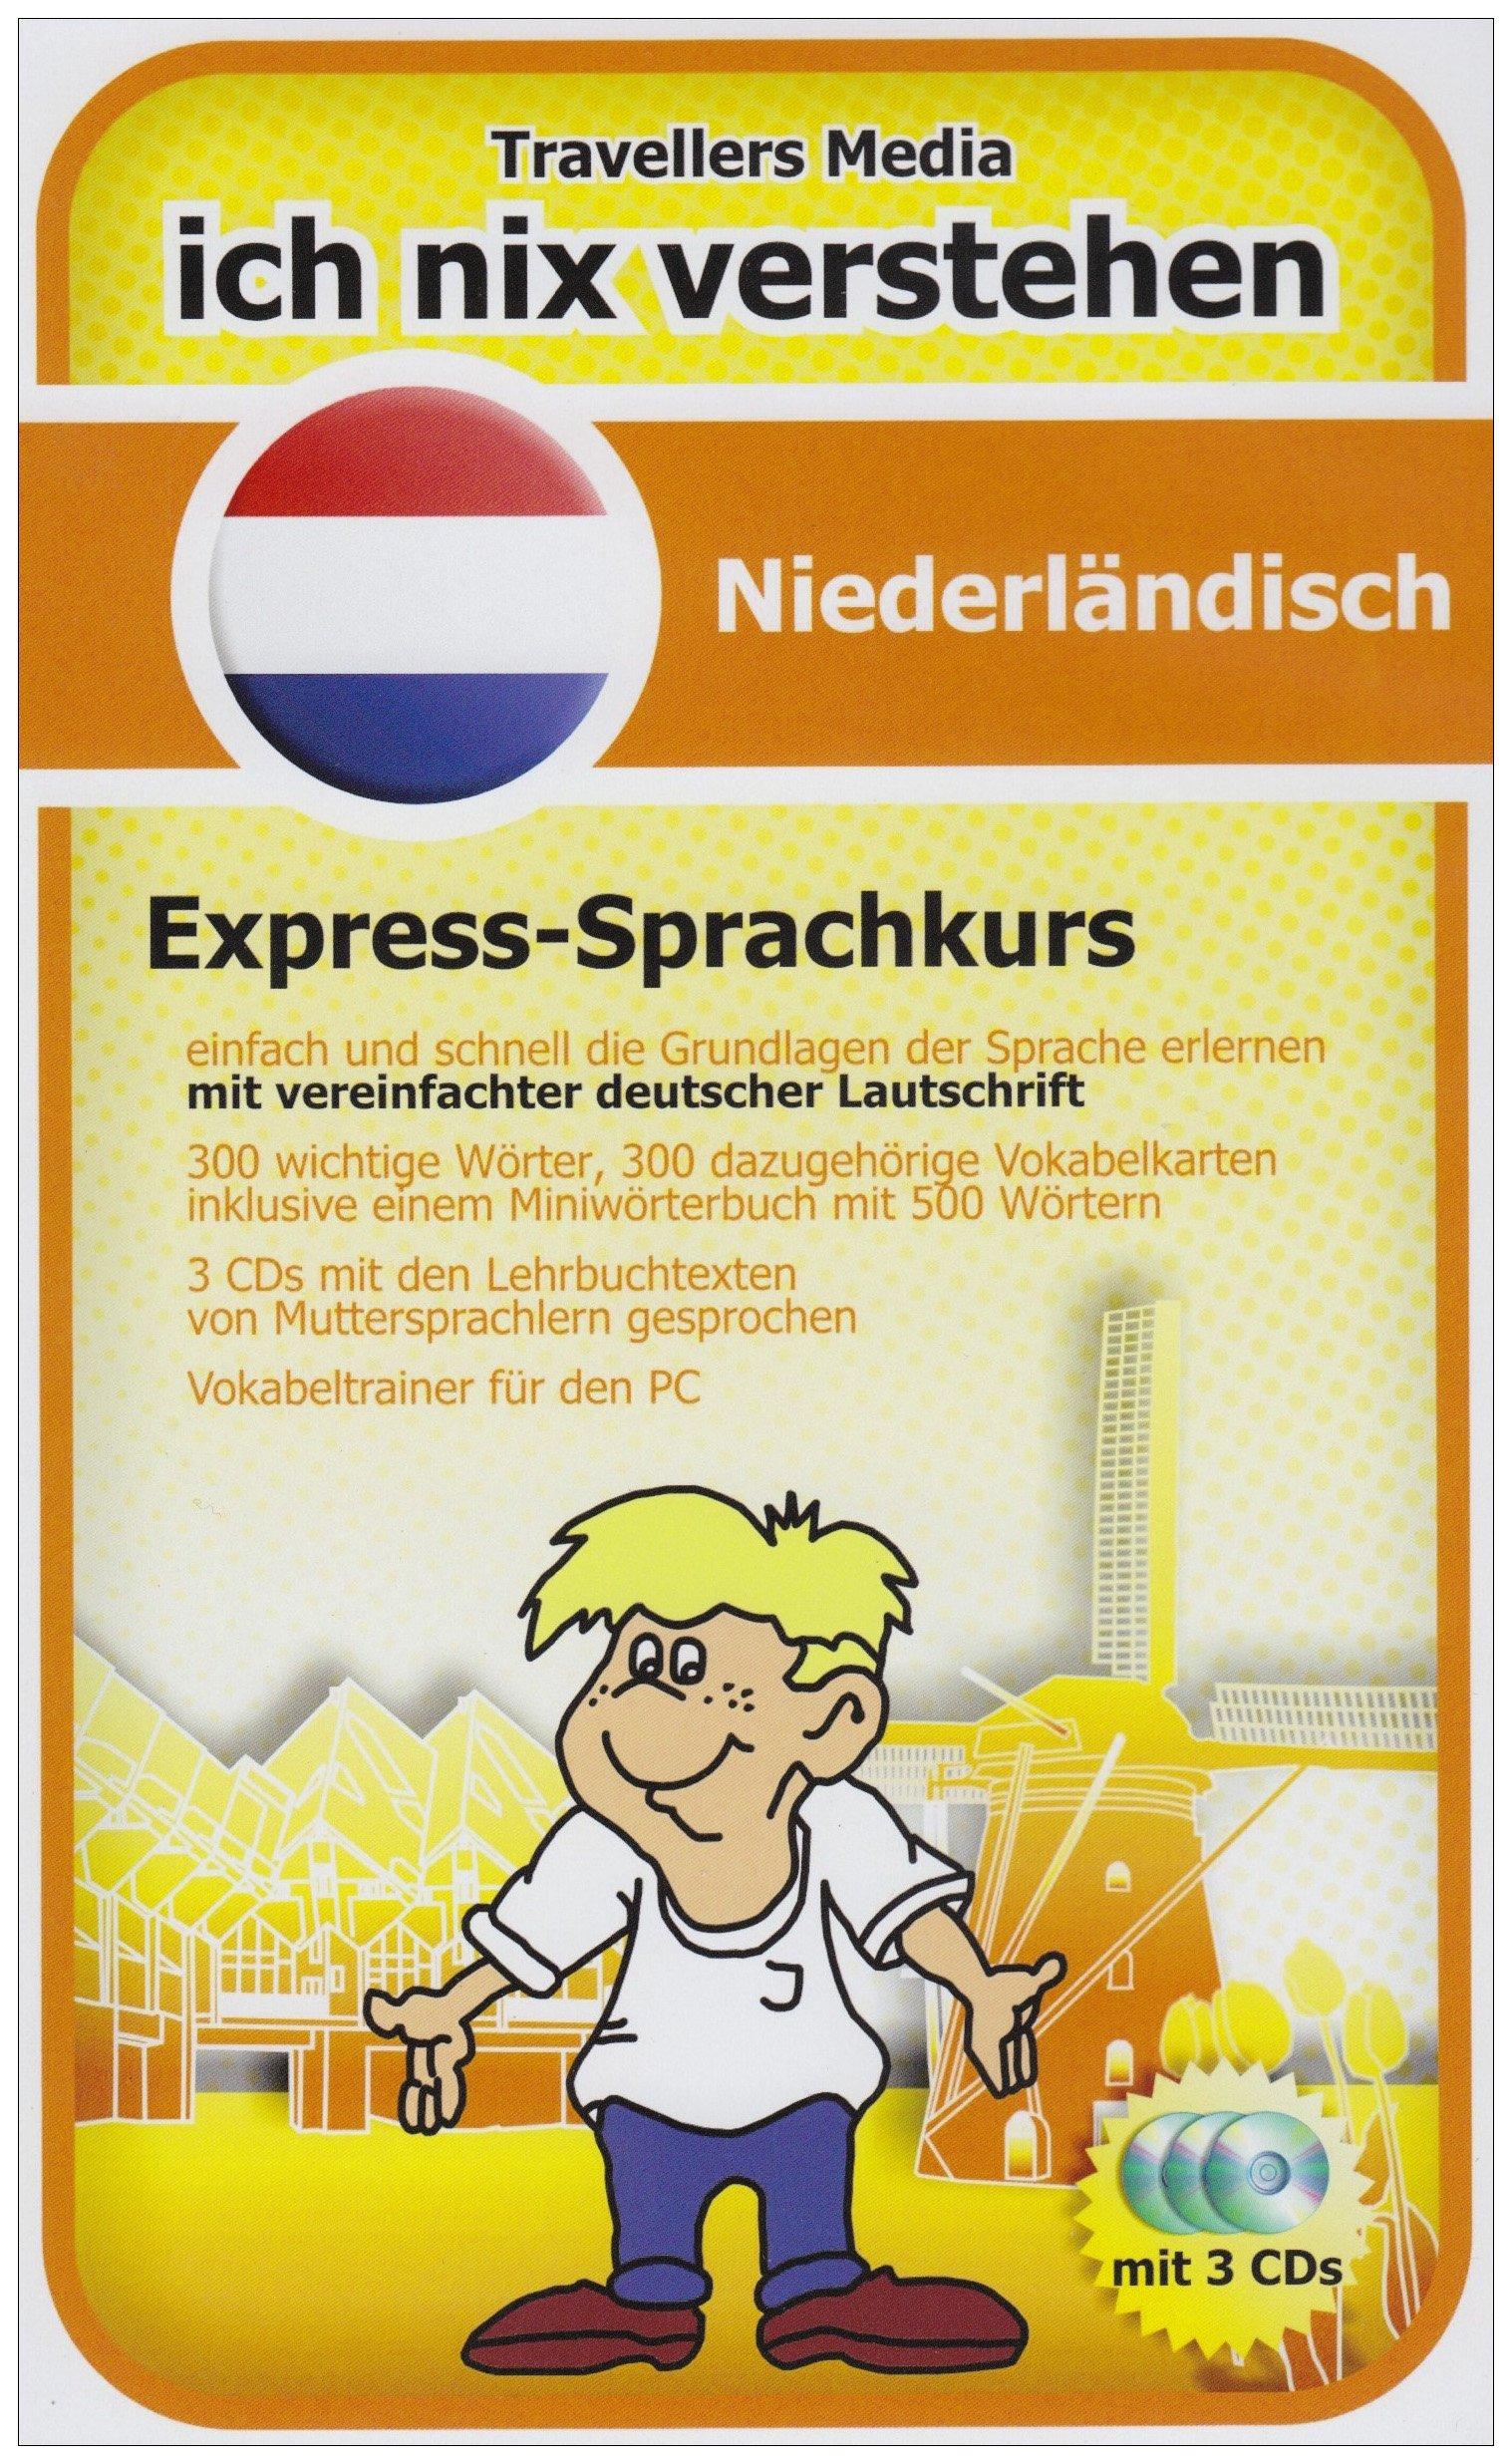 Ich Nix Verstehen   Niederländisch Express Sprachkurs Niederländisch Lernen   Leicht Gemacht  Mit Vereinfachter Angepaßter Deutscher Lautschrift   ... Und Einem Vokabeltrainer Für Den PC.